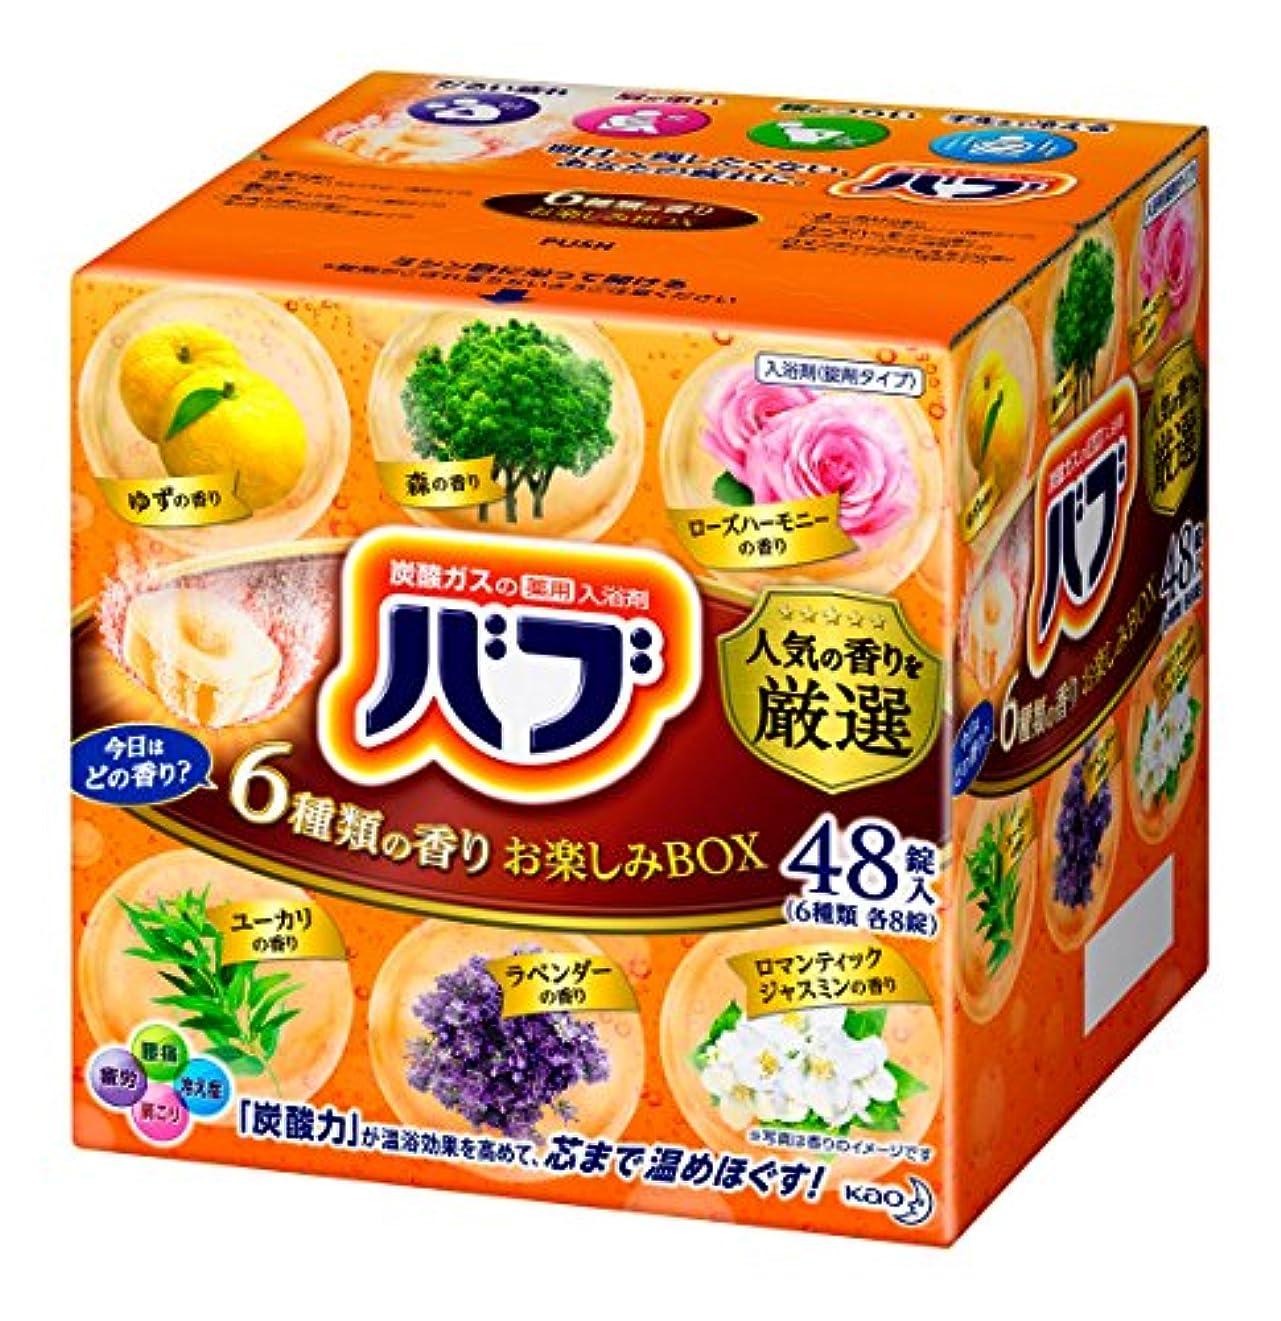 中央値気晴らし嘆願【大容量】バブ 6つの香りお楽しみBOX 48錠